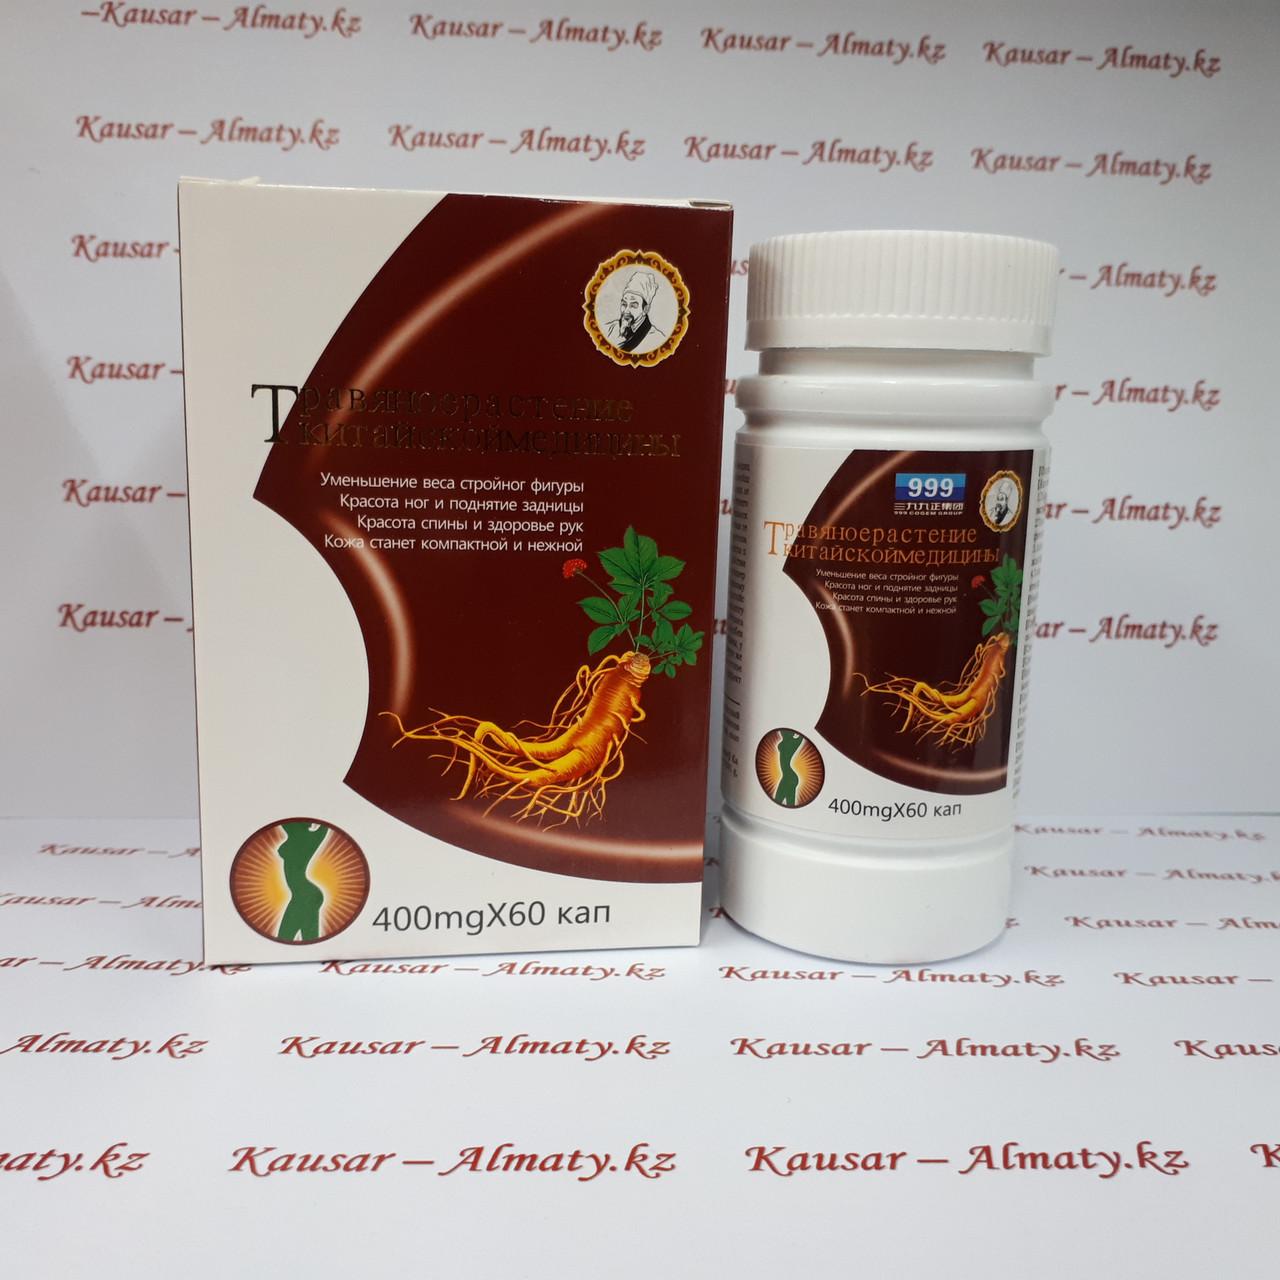 Травяное растение китайской медицины в банке ( коричневая упаковка)